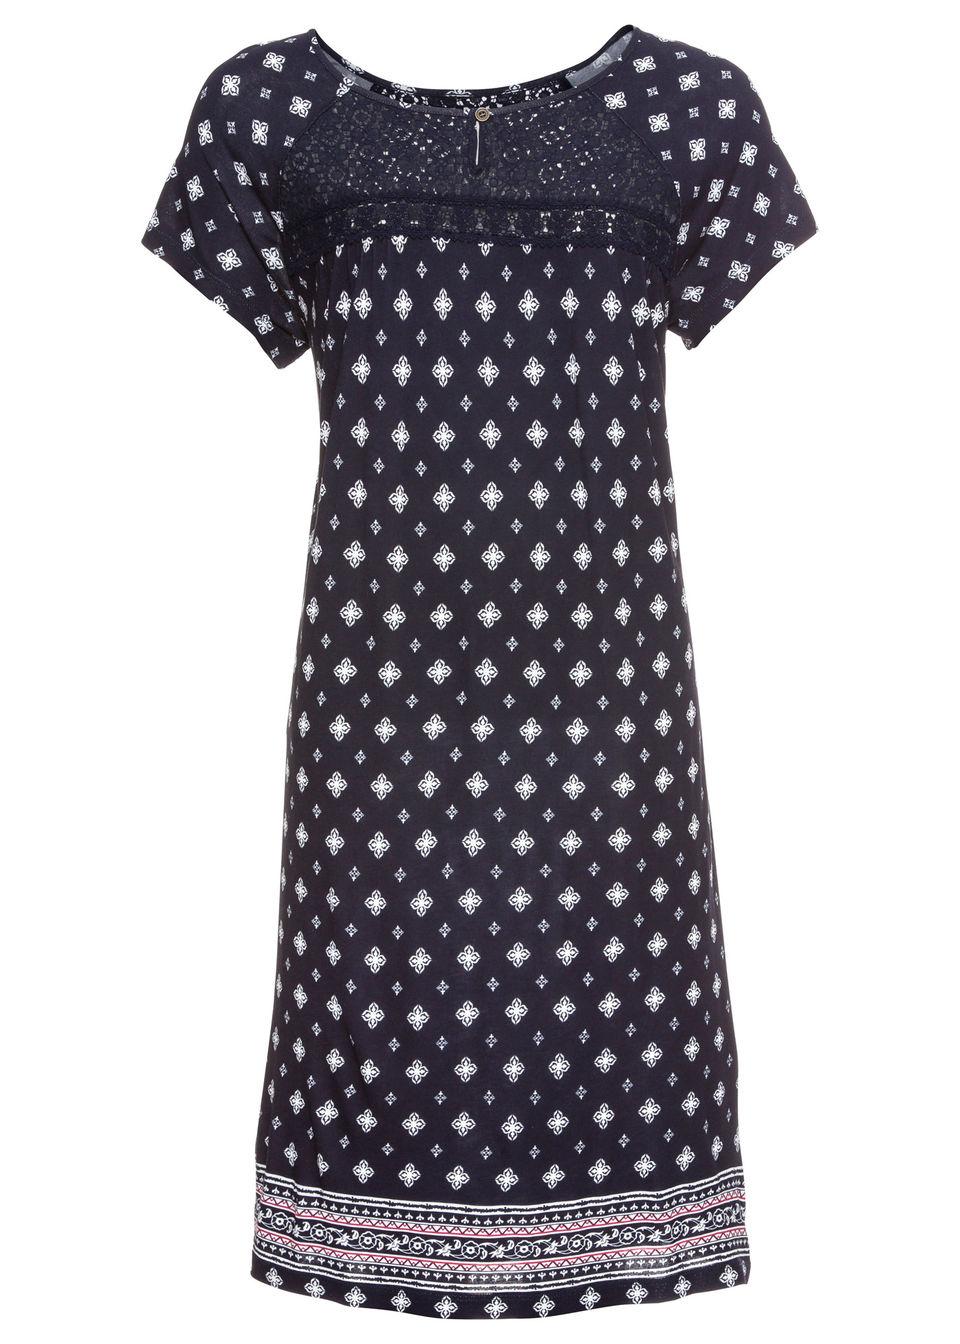 Купить Платье с кружевной отделкой, bonprix, темно-синий/белый с рисунком